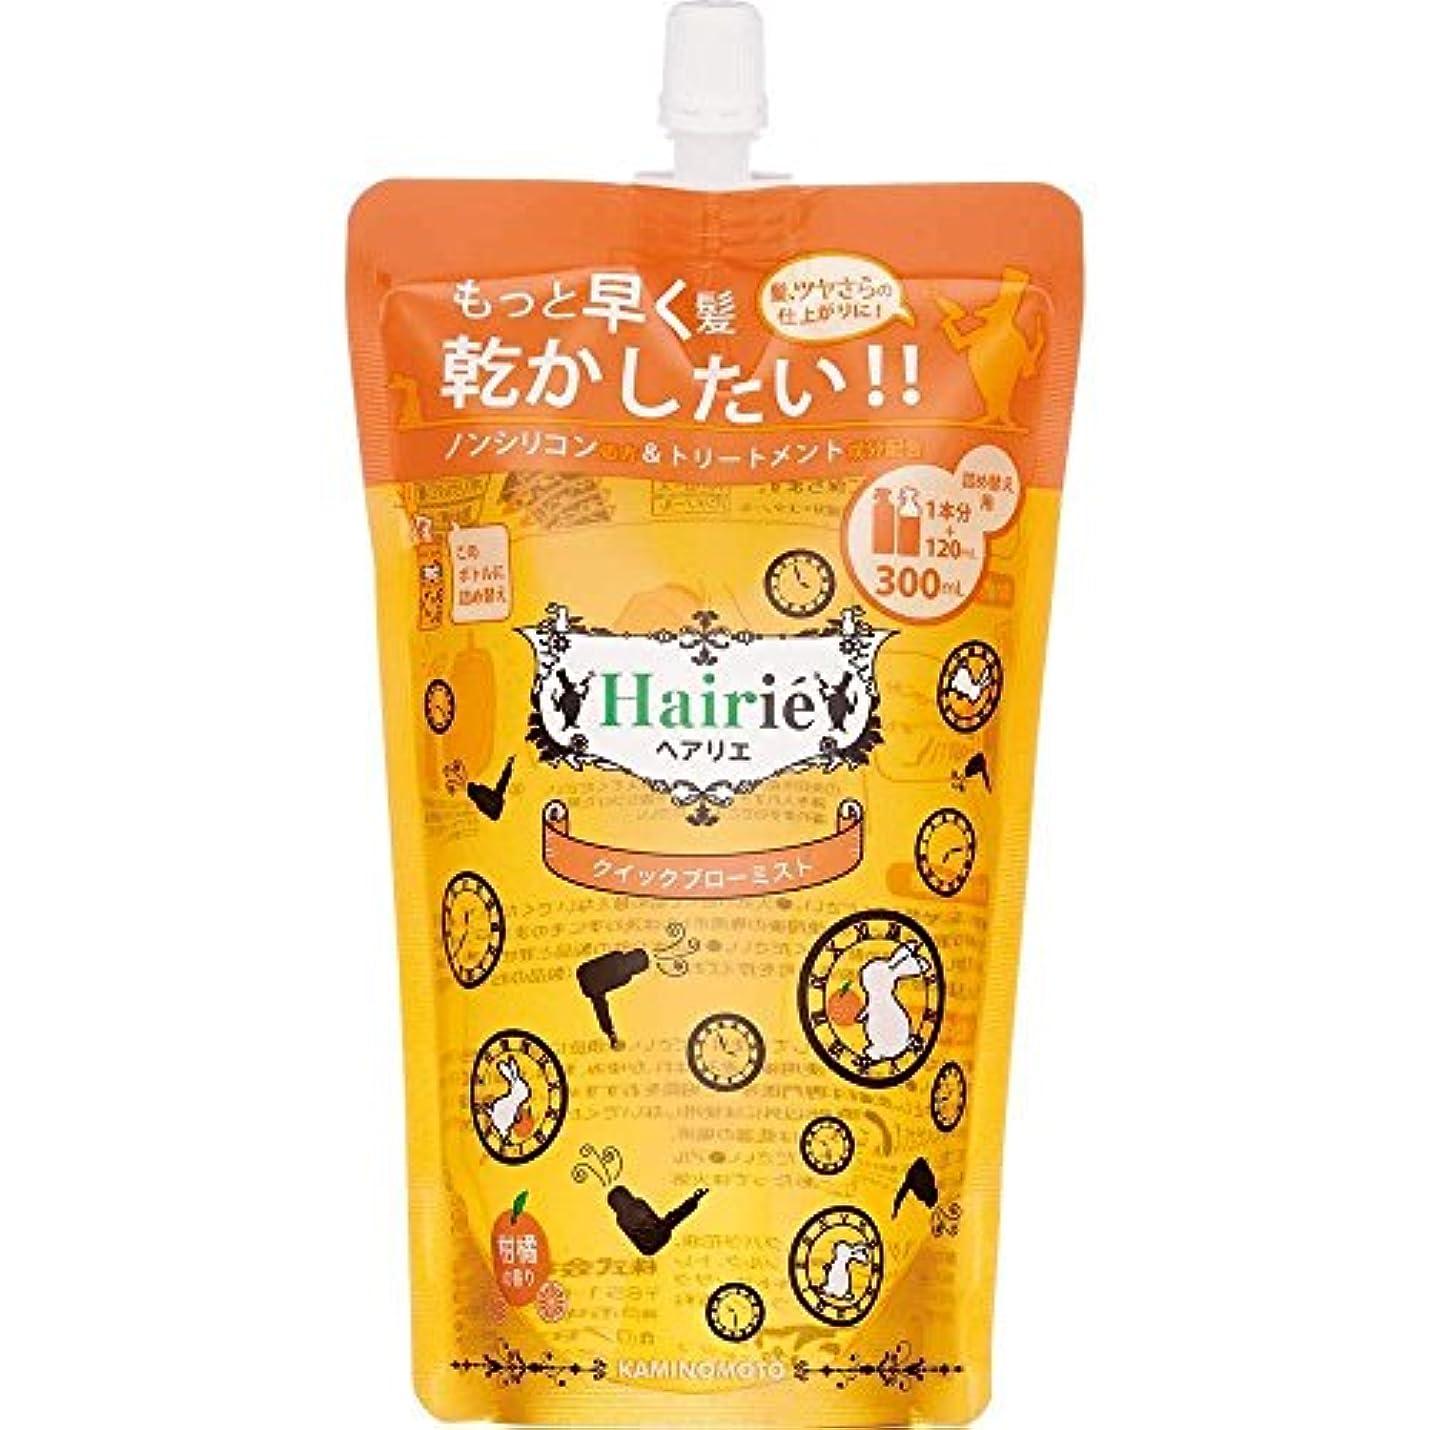 話すオピエートシニスヘアリエ クイックブローミスト 柑橘の香り 詰め替え 300mL×3個